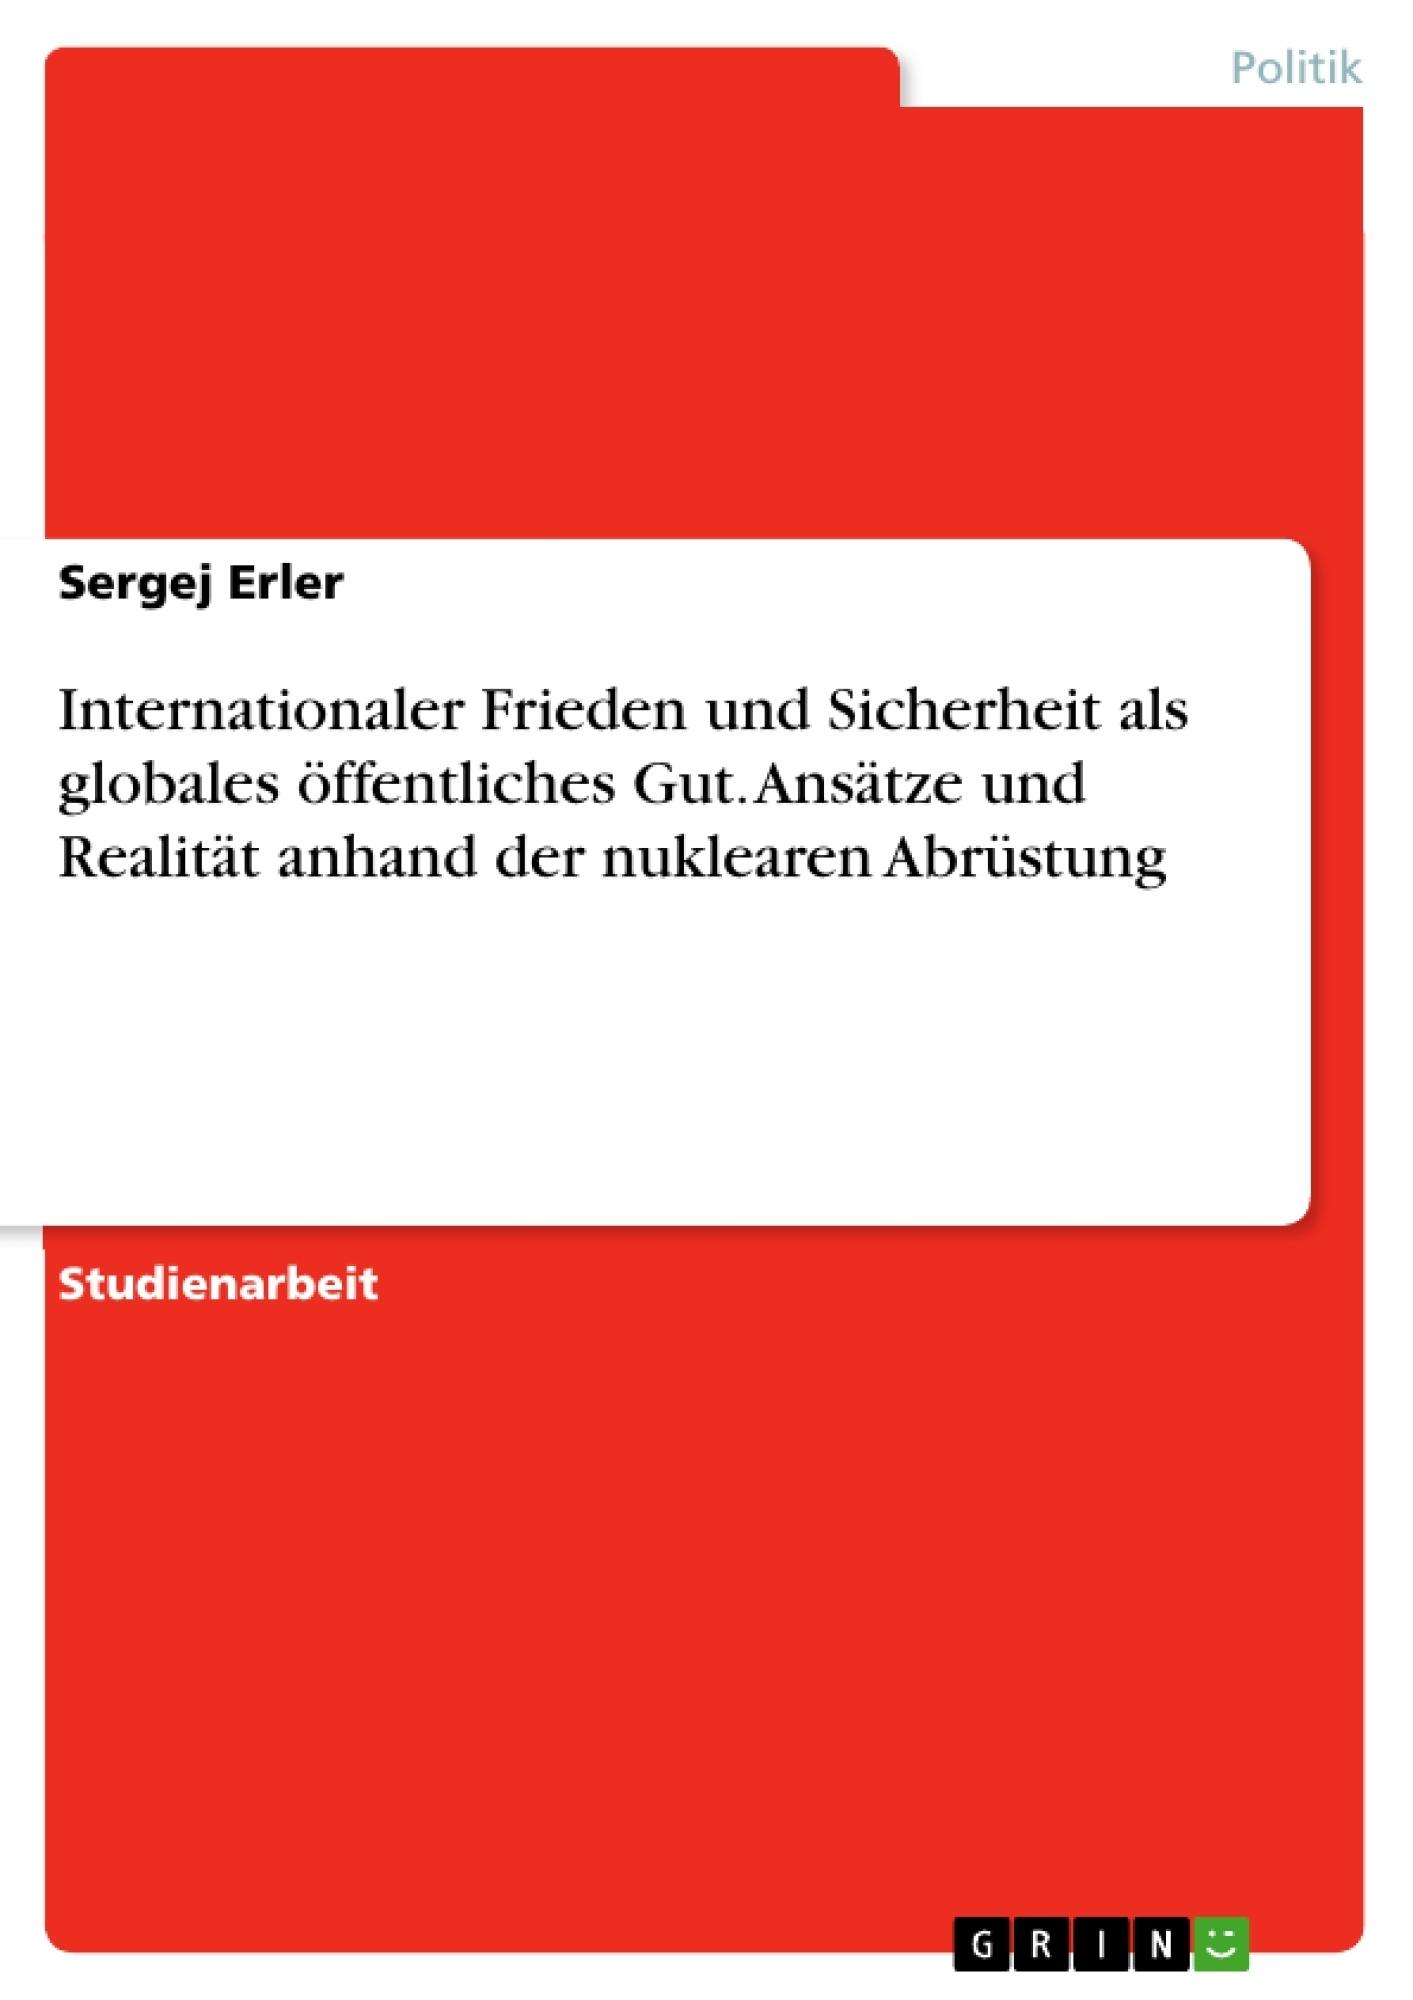 Titel: Internationaler Frieden und Sicherheit als globales öffentliches Gut. Ansätze und Realität anhand der nuklearen Abrüstung